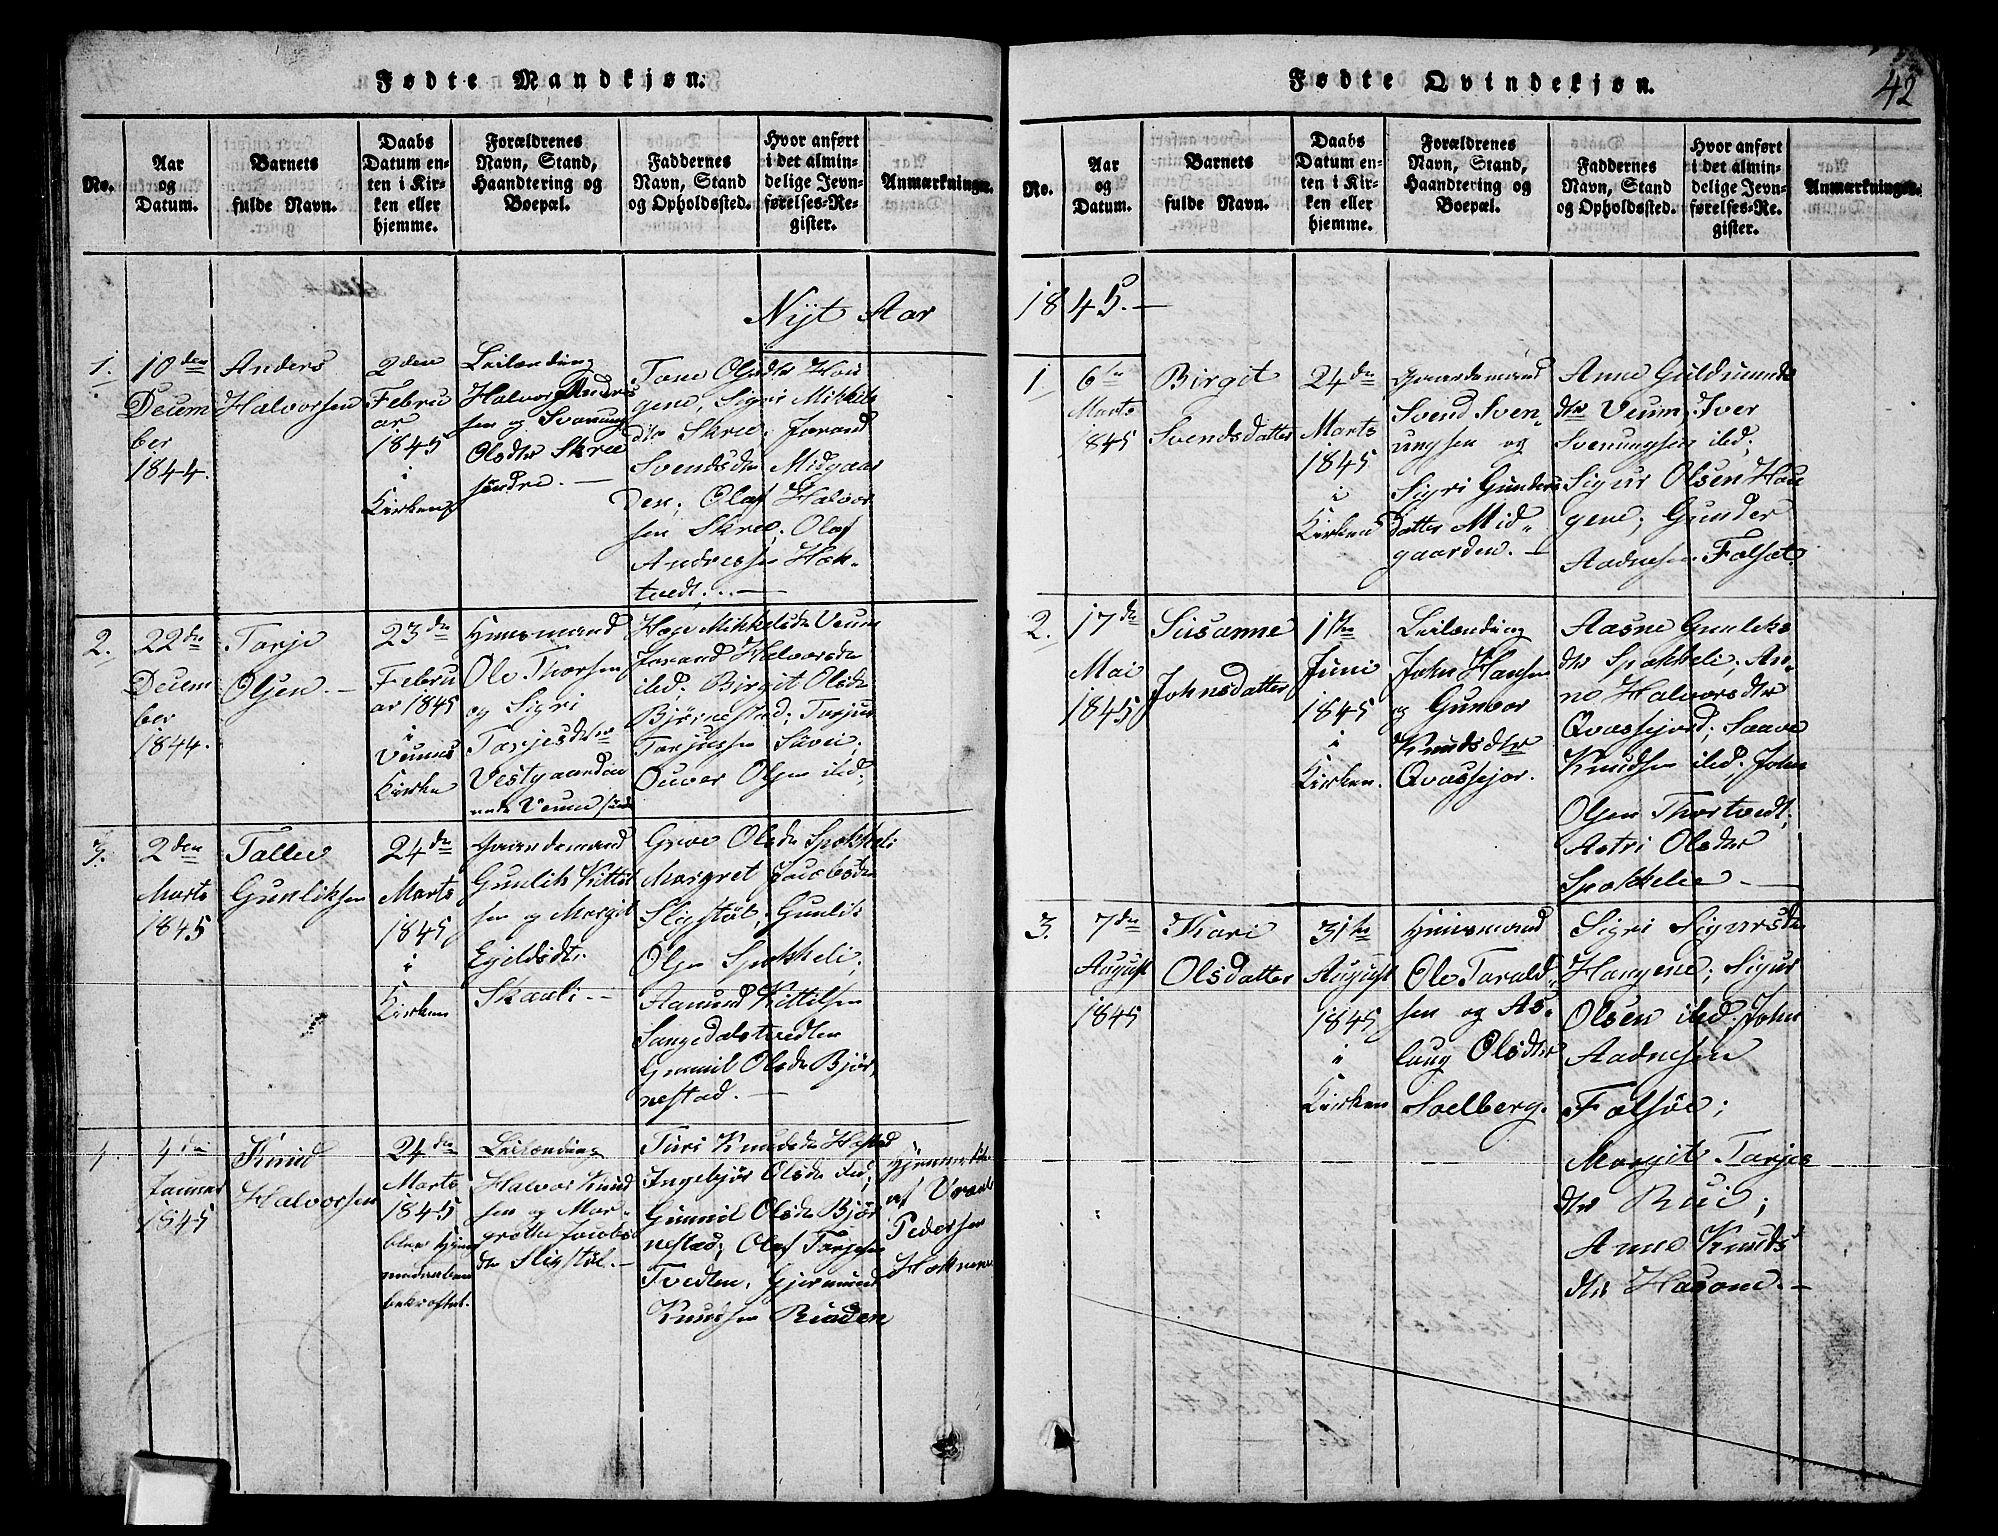 SAKO, Fyresdal kirkebøker, G/Ga/L0003: Klokkerbok nr. I 3, 1815-1863, s. 42